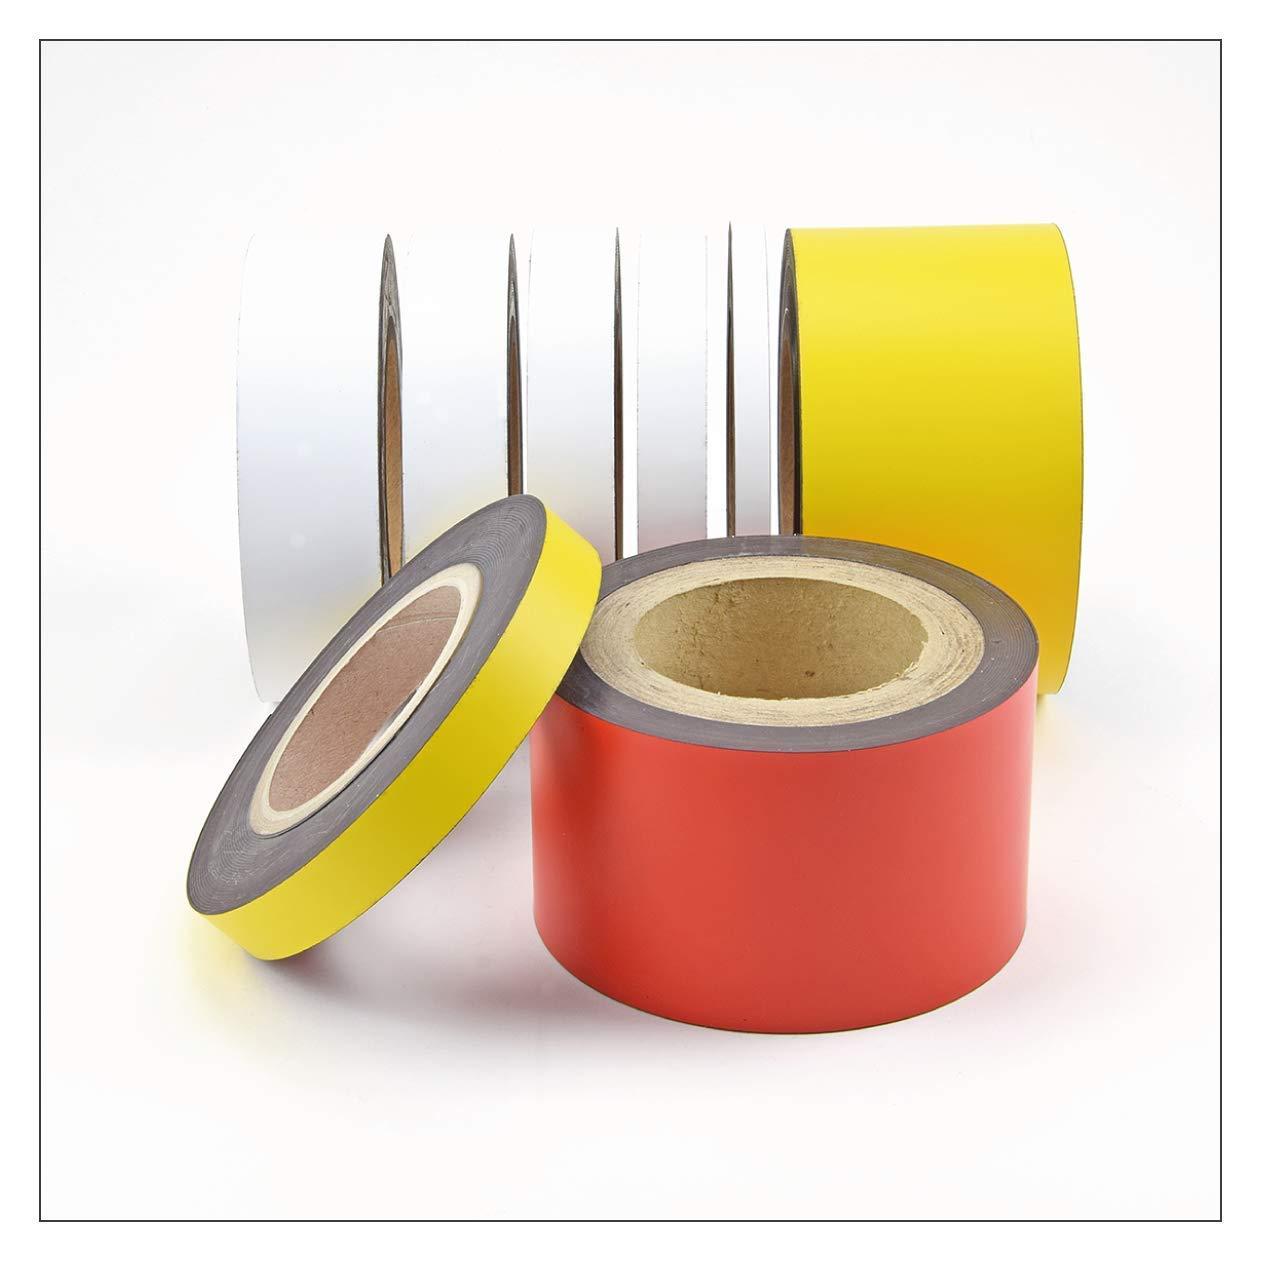 10 Meter Gelb Rot Gr/ün Blau Wei/ß 10-100mm Kennzeichnungsb/änder Magnetbandrolle Magnetband Blau, 10 mm H/öhe Magnetisches Beschriftungsband als Rollenware